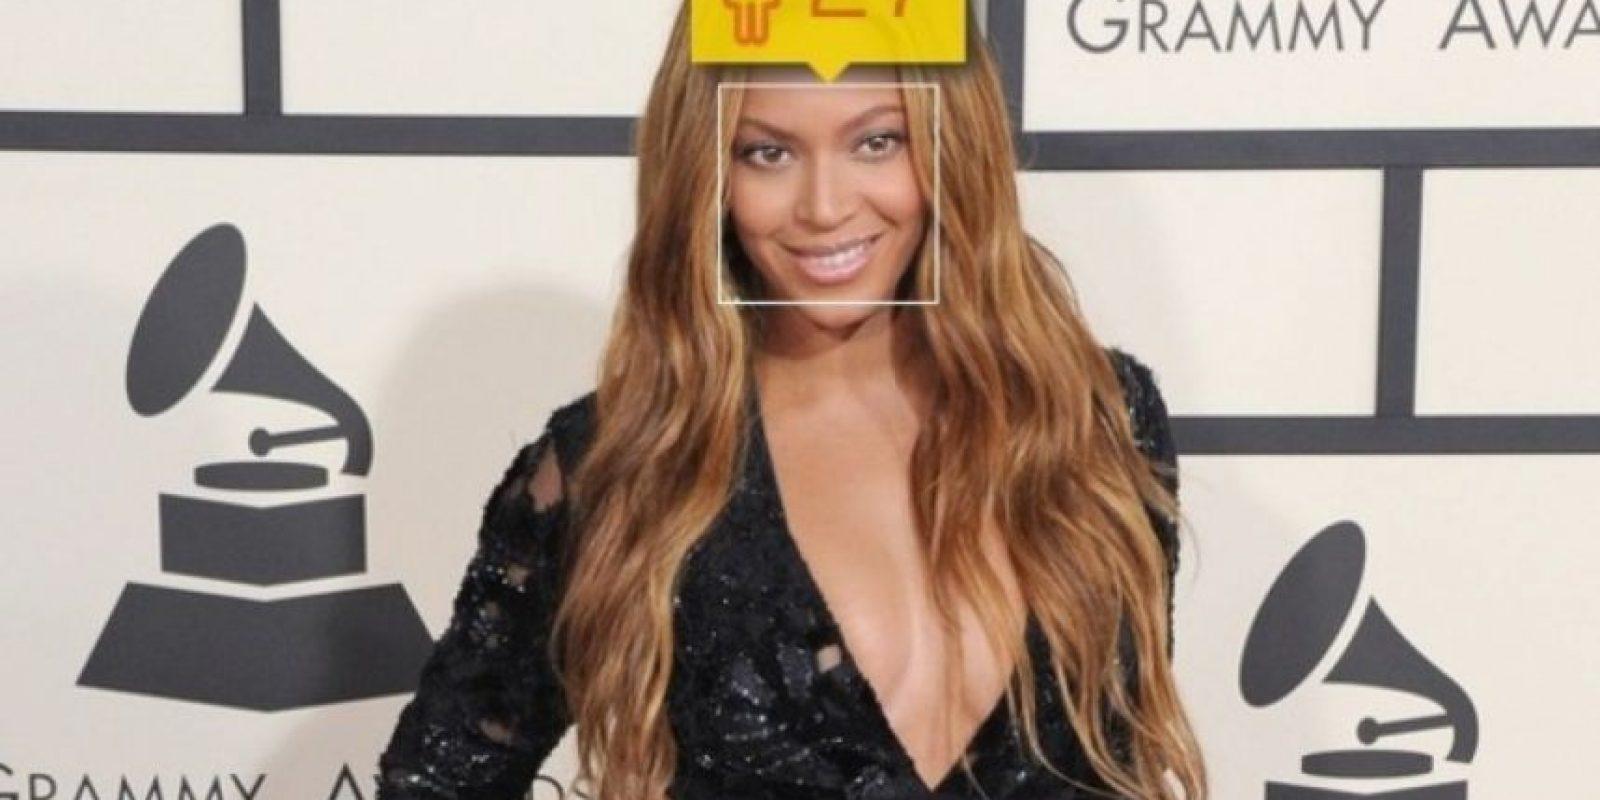 Beyoncé, cantante estadounidense, tiene 33 años de edad. Foto:how-old.net